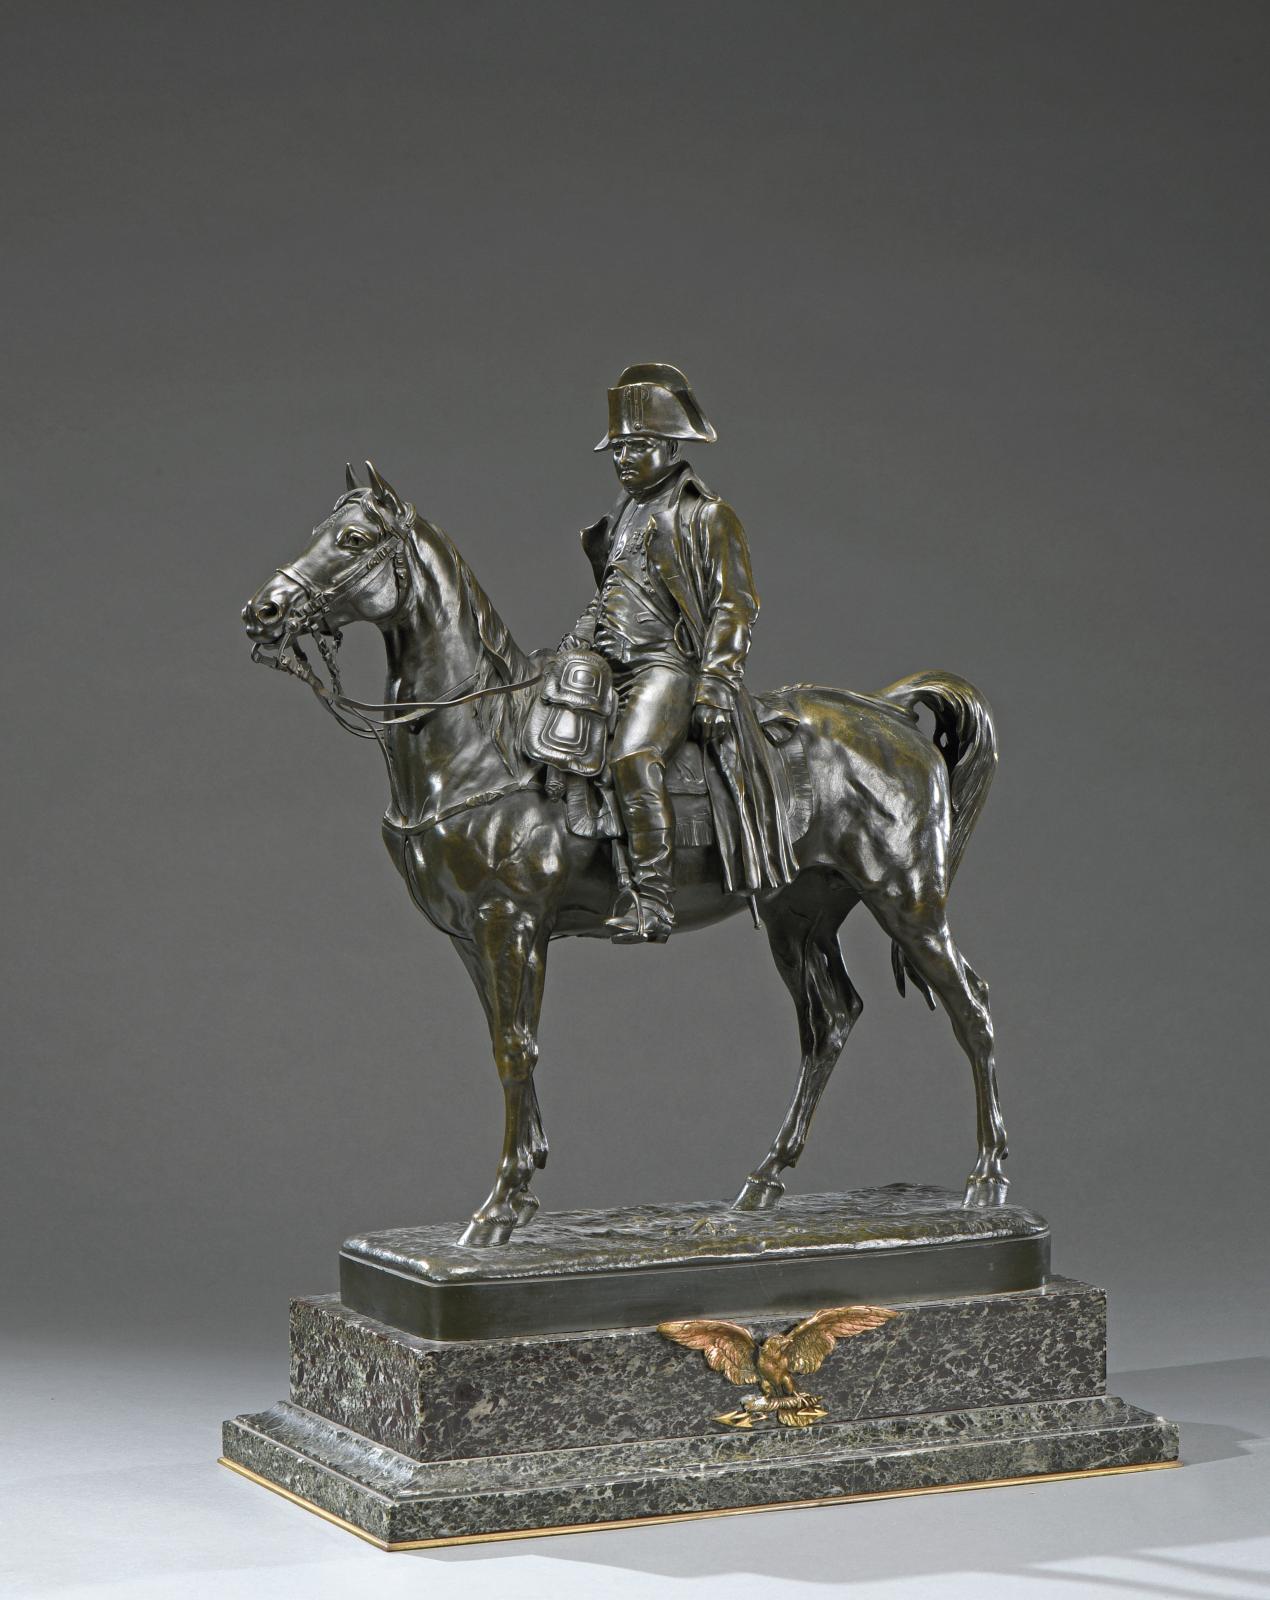 Jules-Edmond Masson (1871-1932), Napoléon Bonaparte, sculpture en bronze patiné, signée sur la terrasse «J.E.Masson», gravée «Susse Fres.